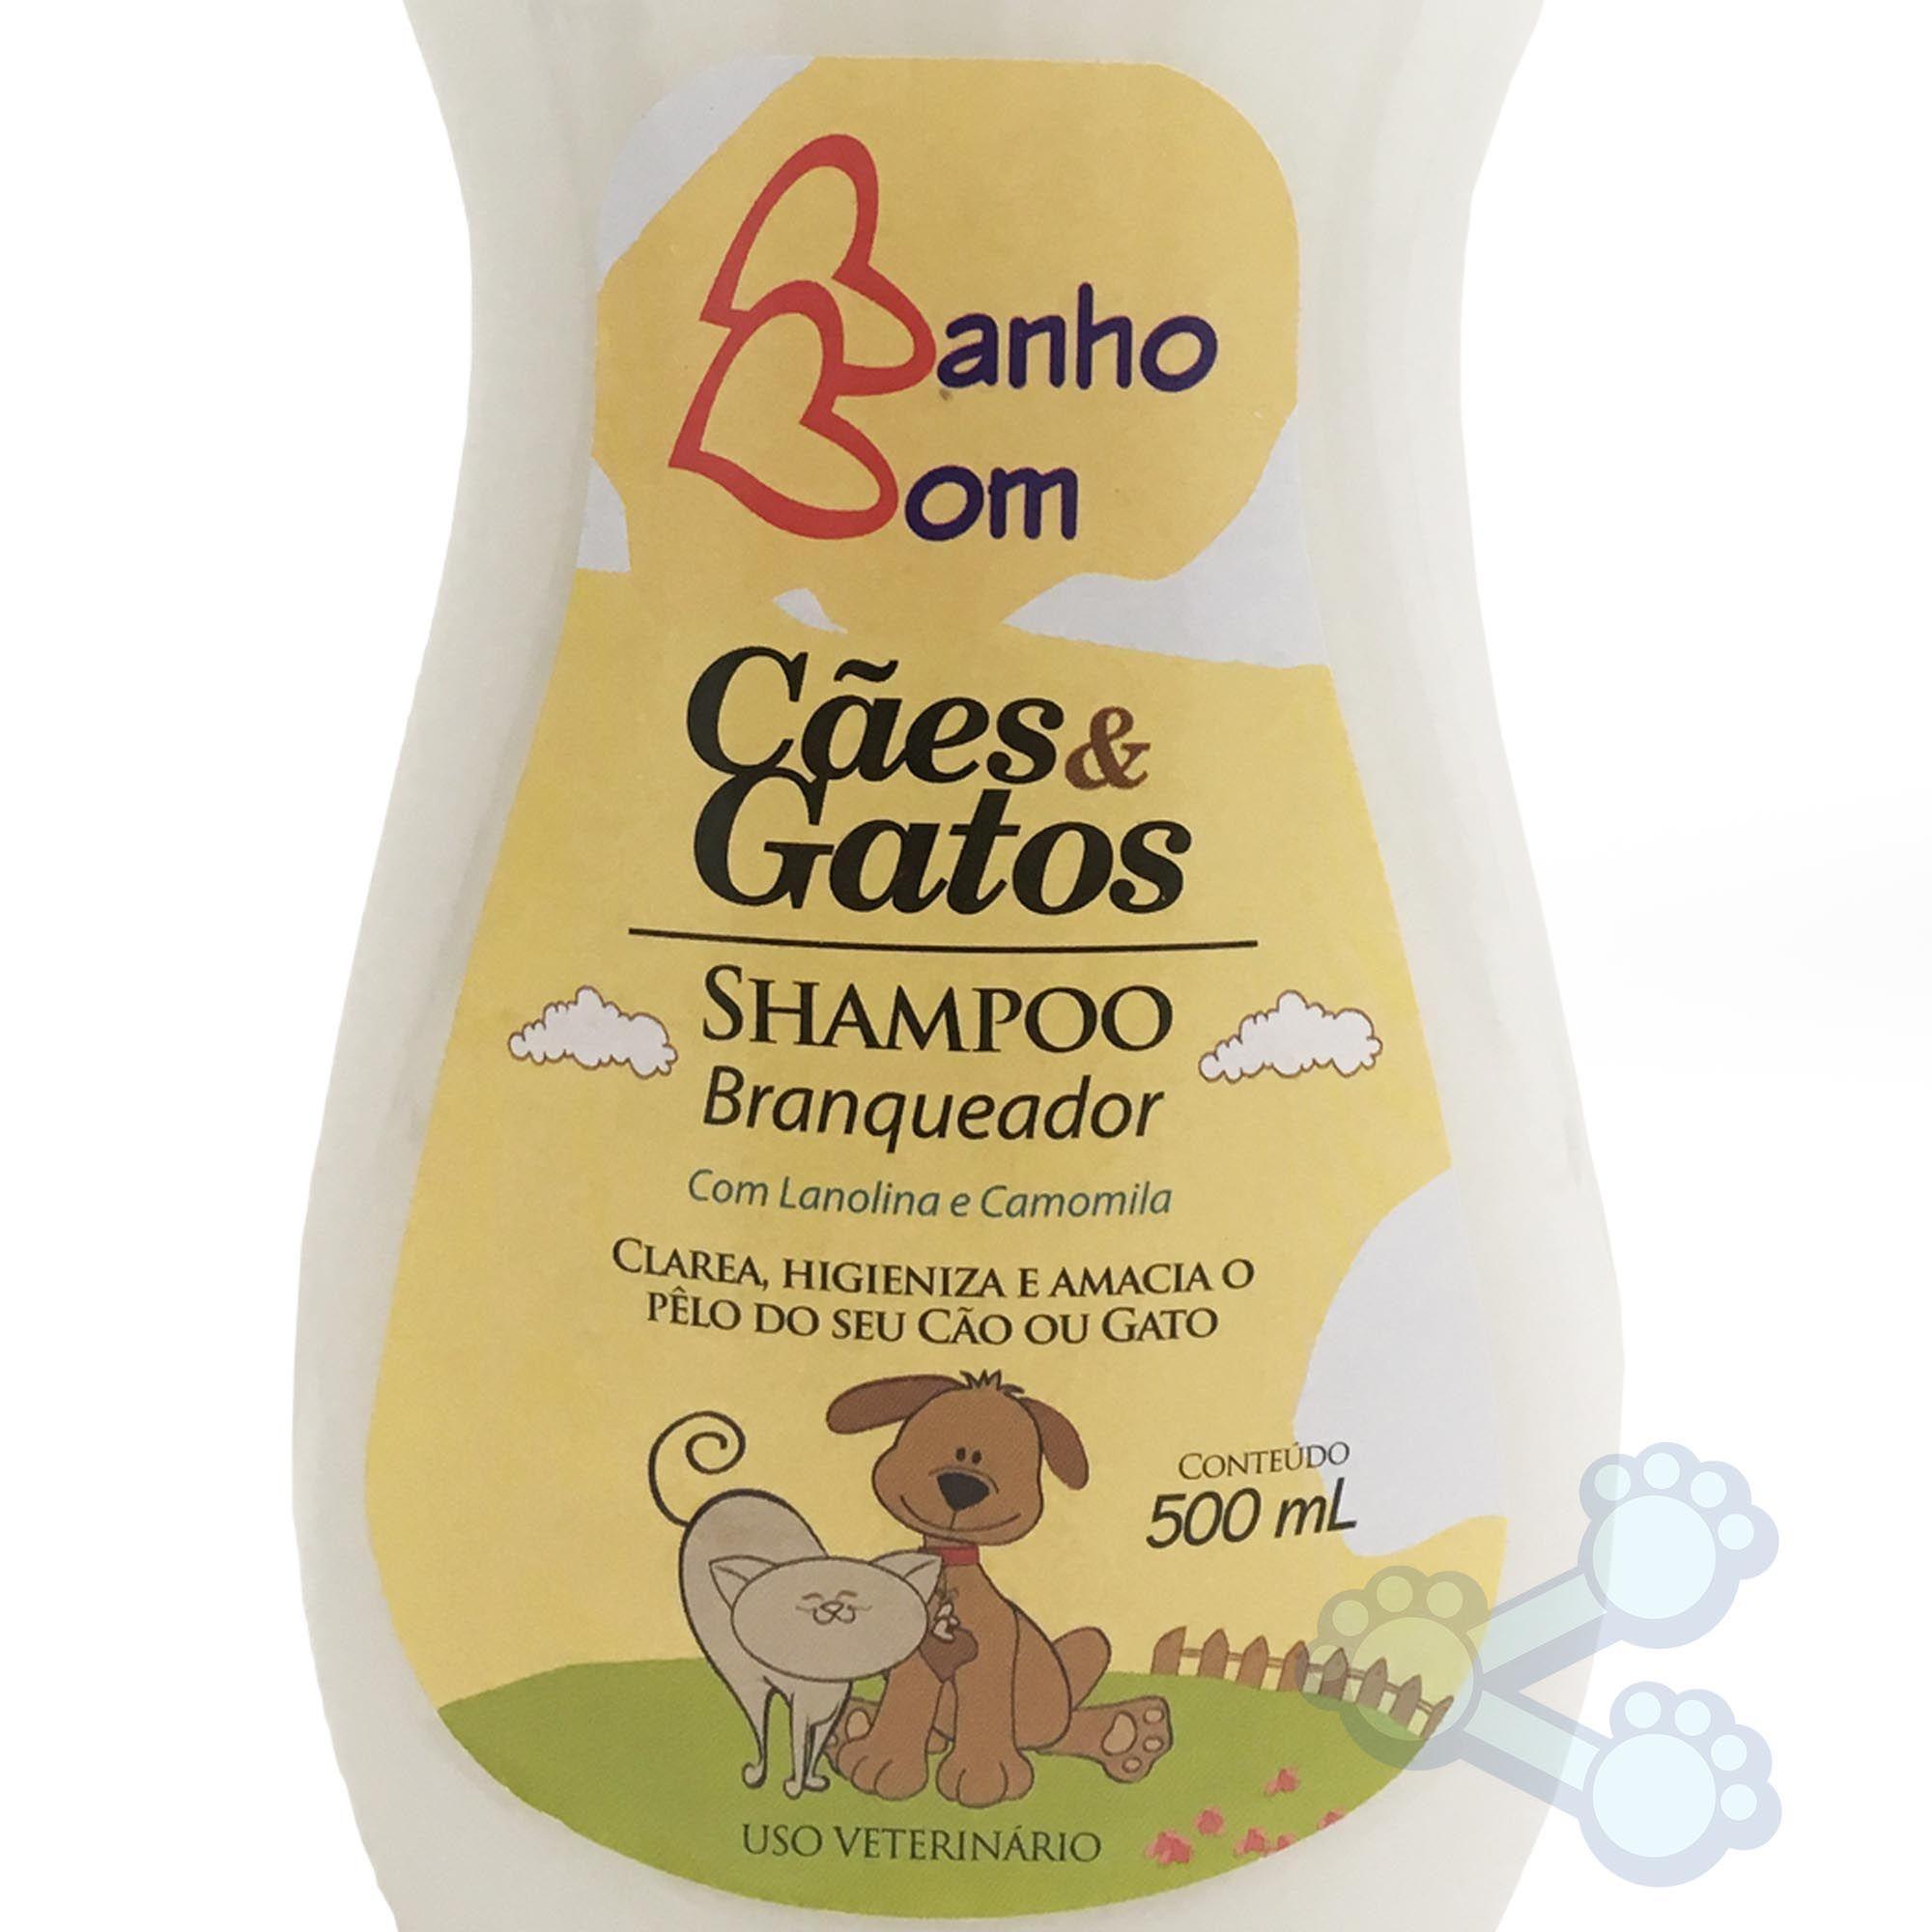 Shampoo Branqueador Banho Bom (500ml) Cães e Gatos